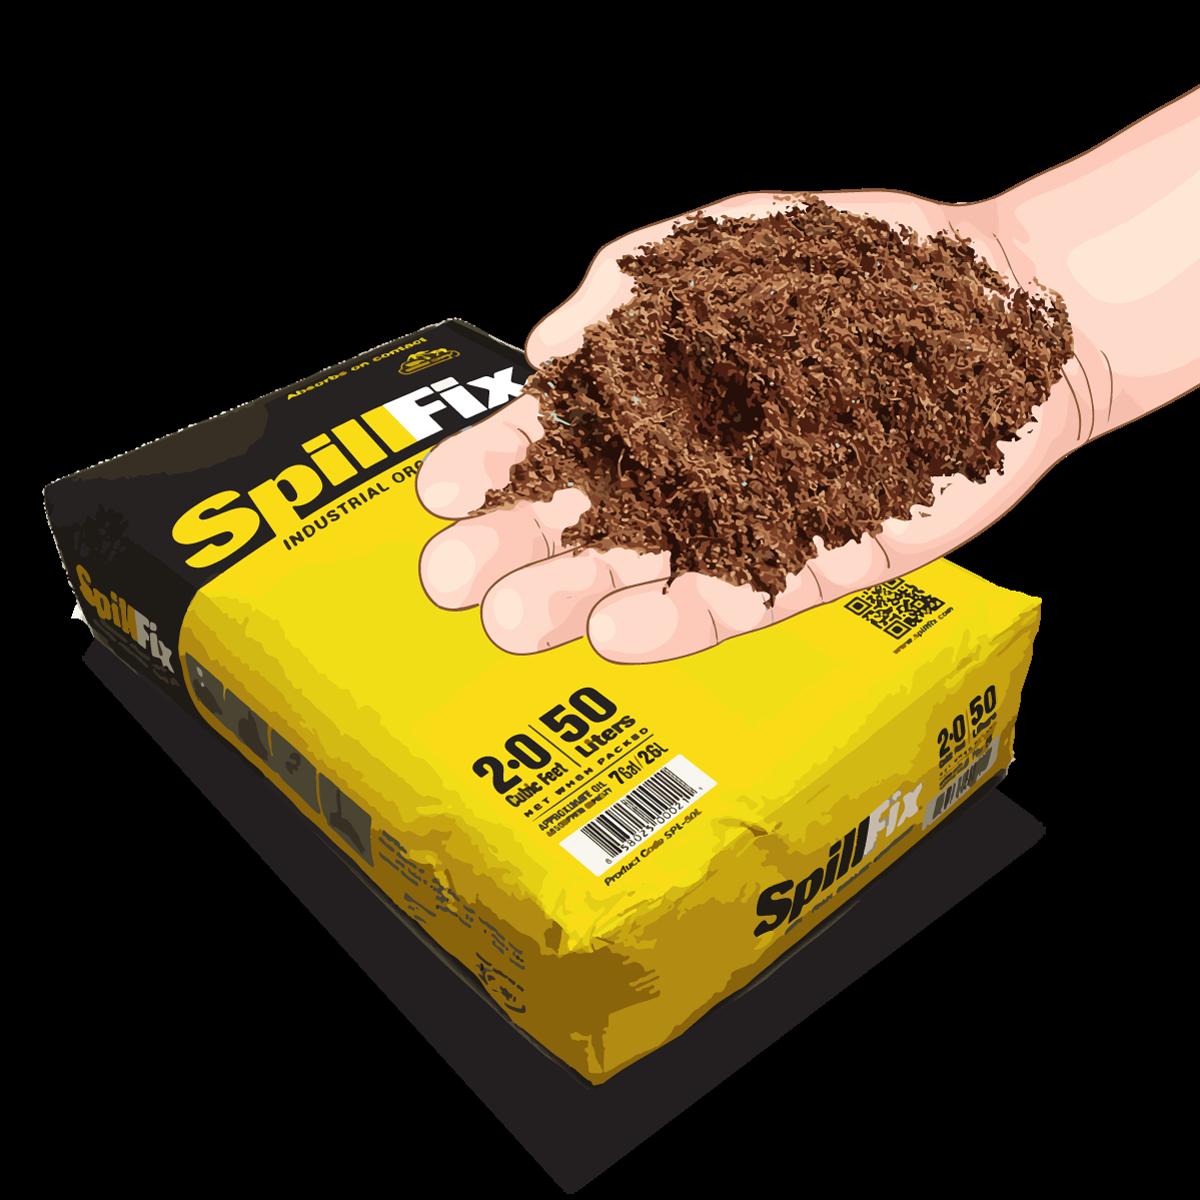 spillfix granular absorbent